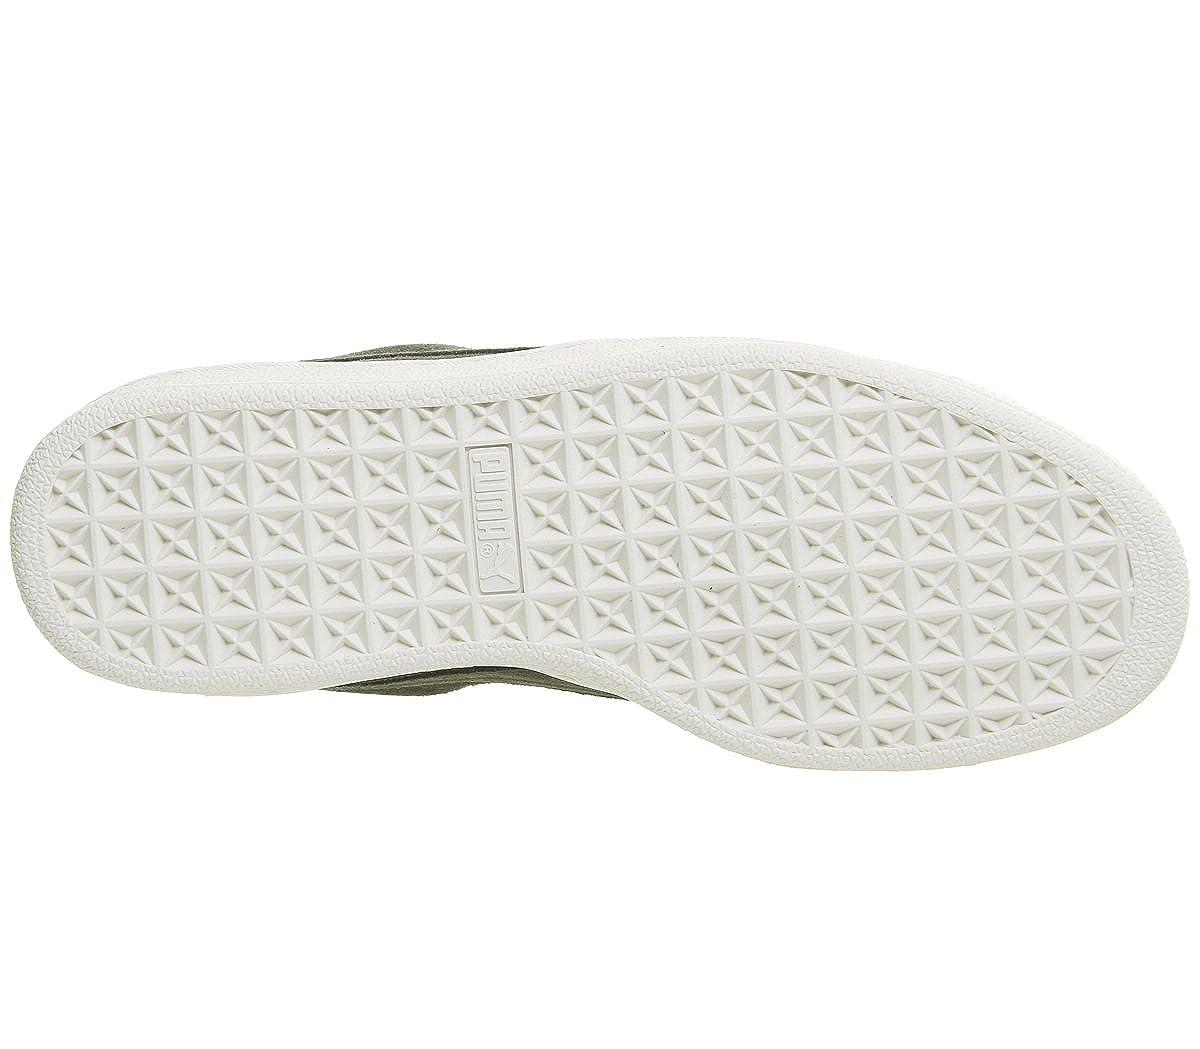 Puma Damen Suede Heart 001) Velvet Rope 365111-01 Sneaker Mehrfarbig (Khaki 001) Heart 901752